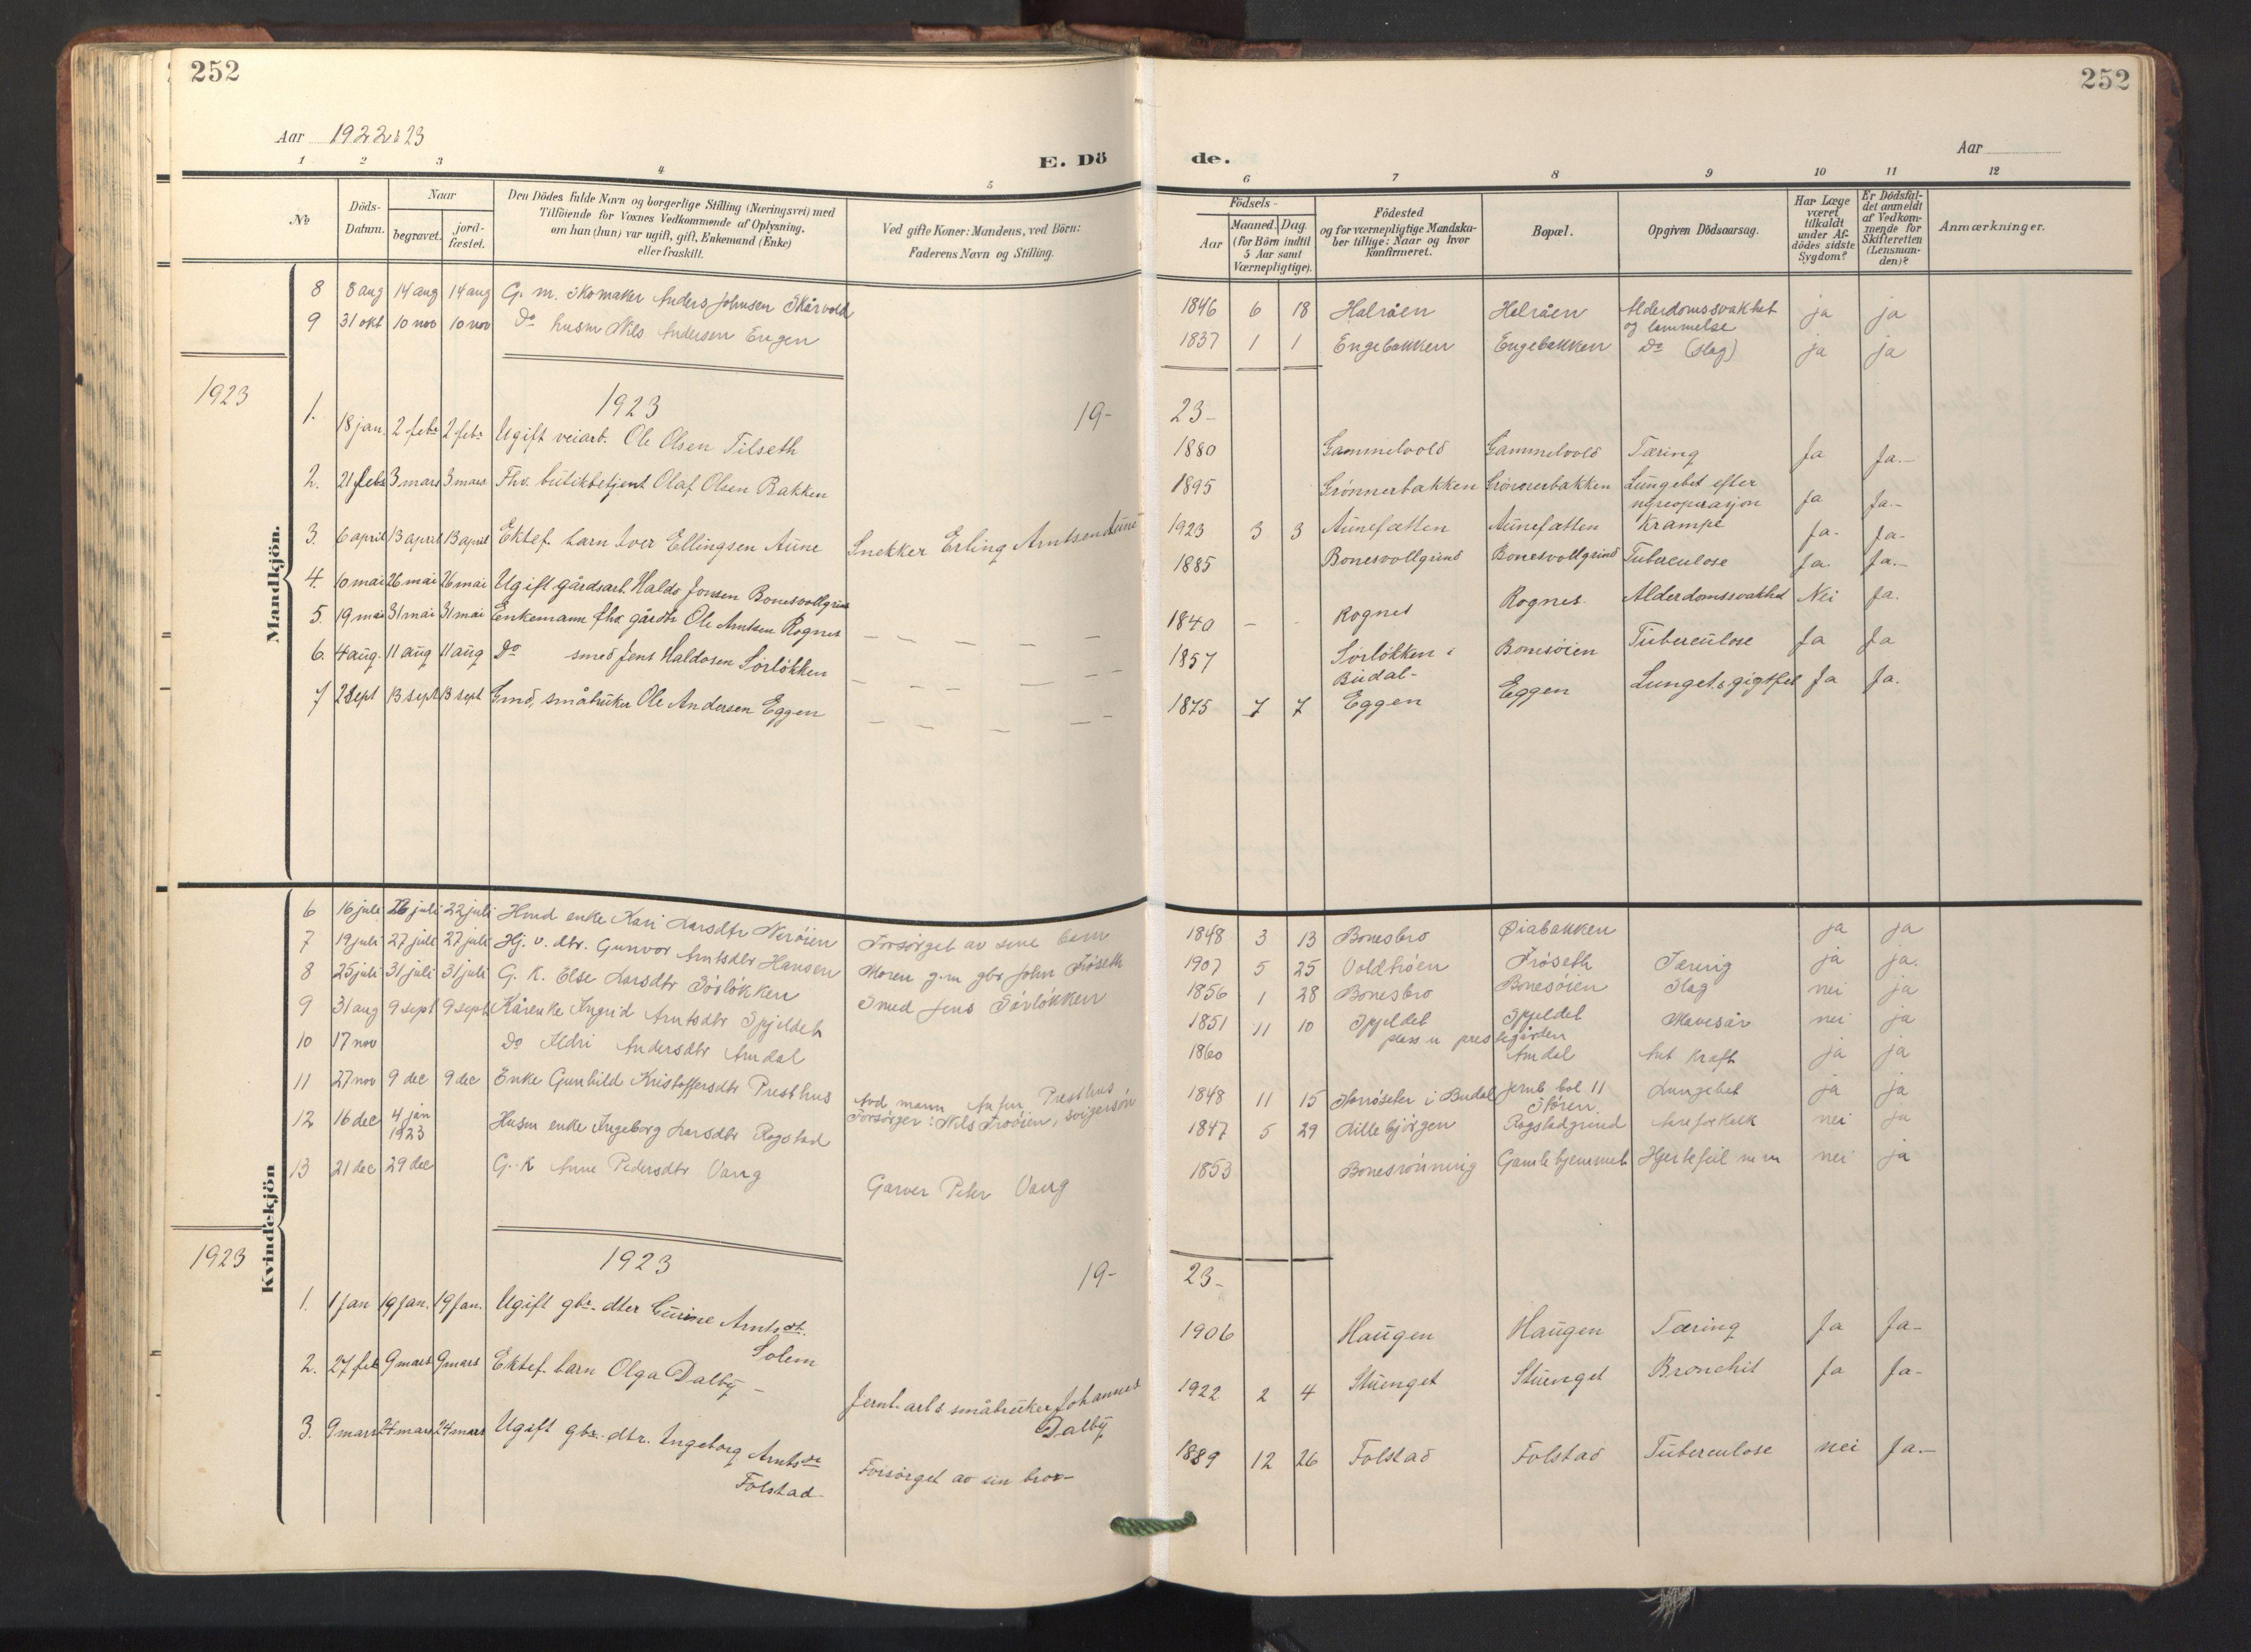 SAT, Ministerialprotokoller, klokkerbøker og fødselsregistre - Sør-Trøndelag, 687/L1019: Klokkerbok nr. 687C03, 1904-1931, s. 252